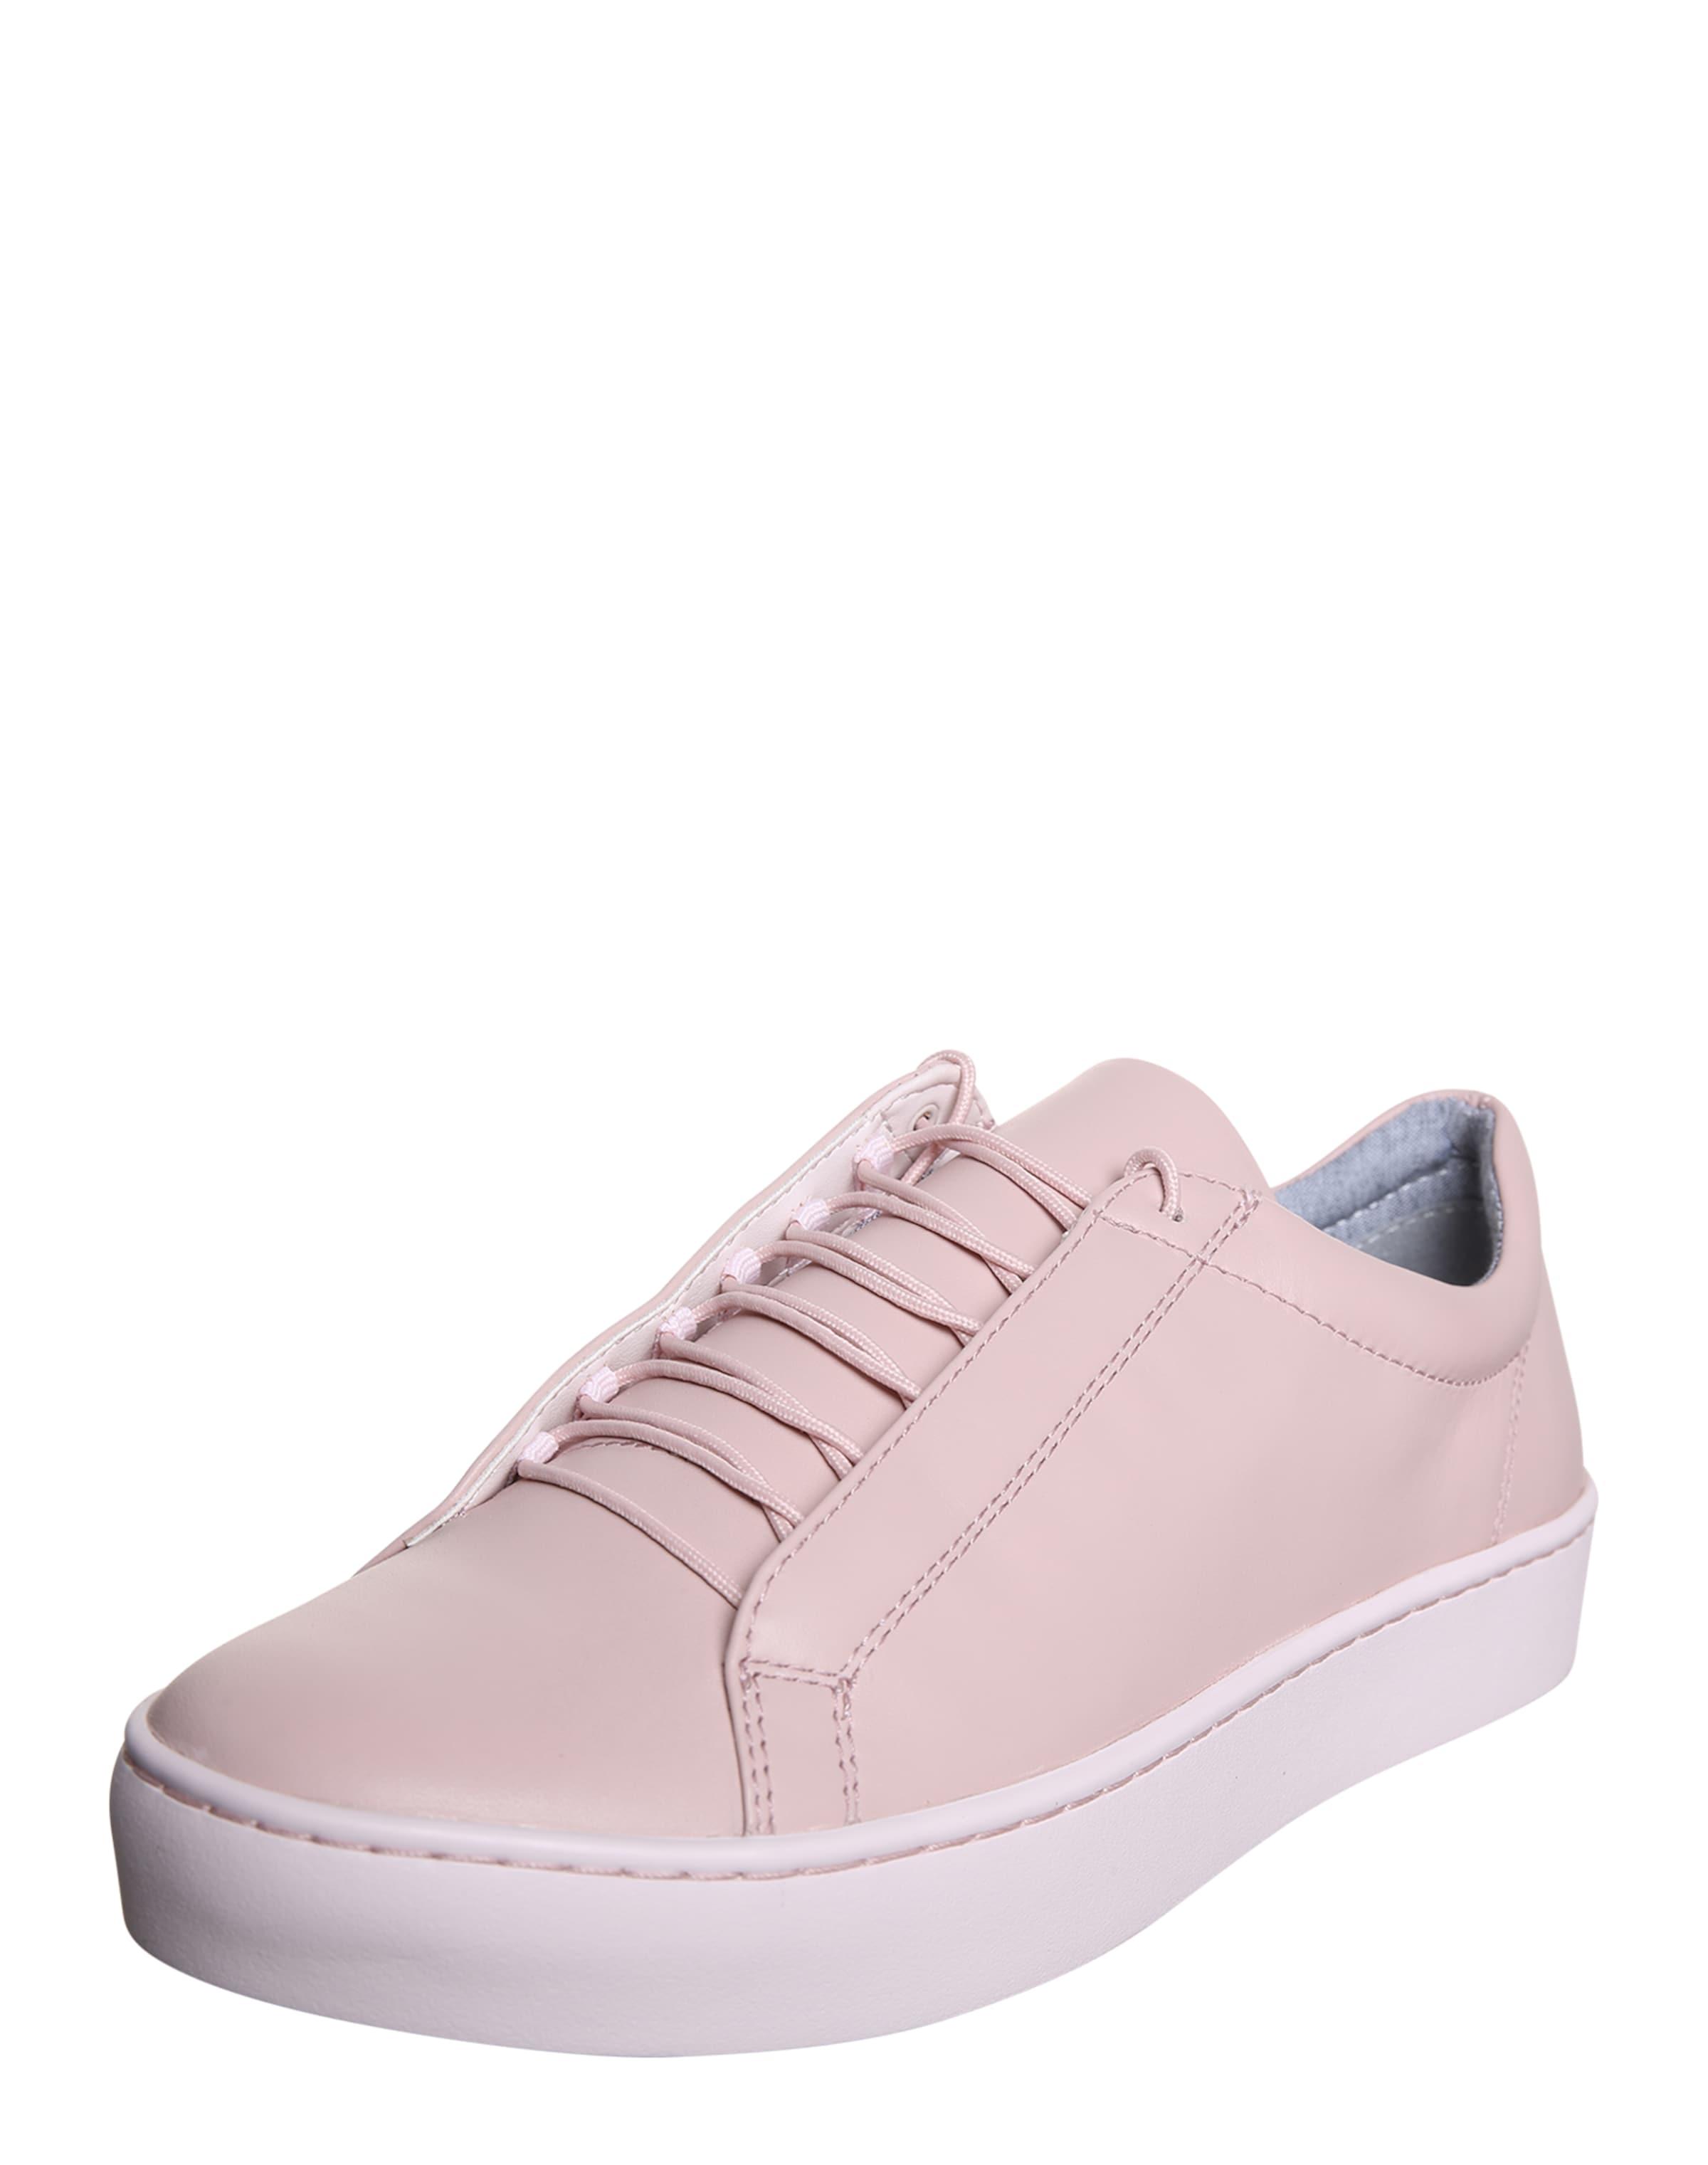 VAGABOND SHOEMAKERS Schnürer Günstige und langlebige Schuhe